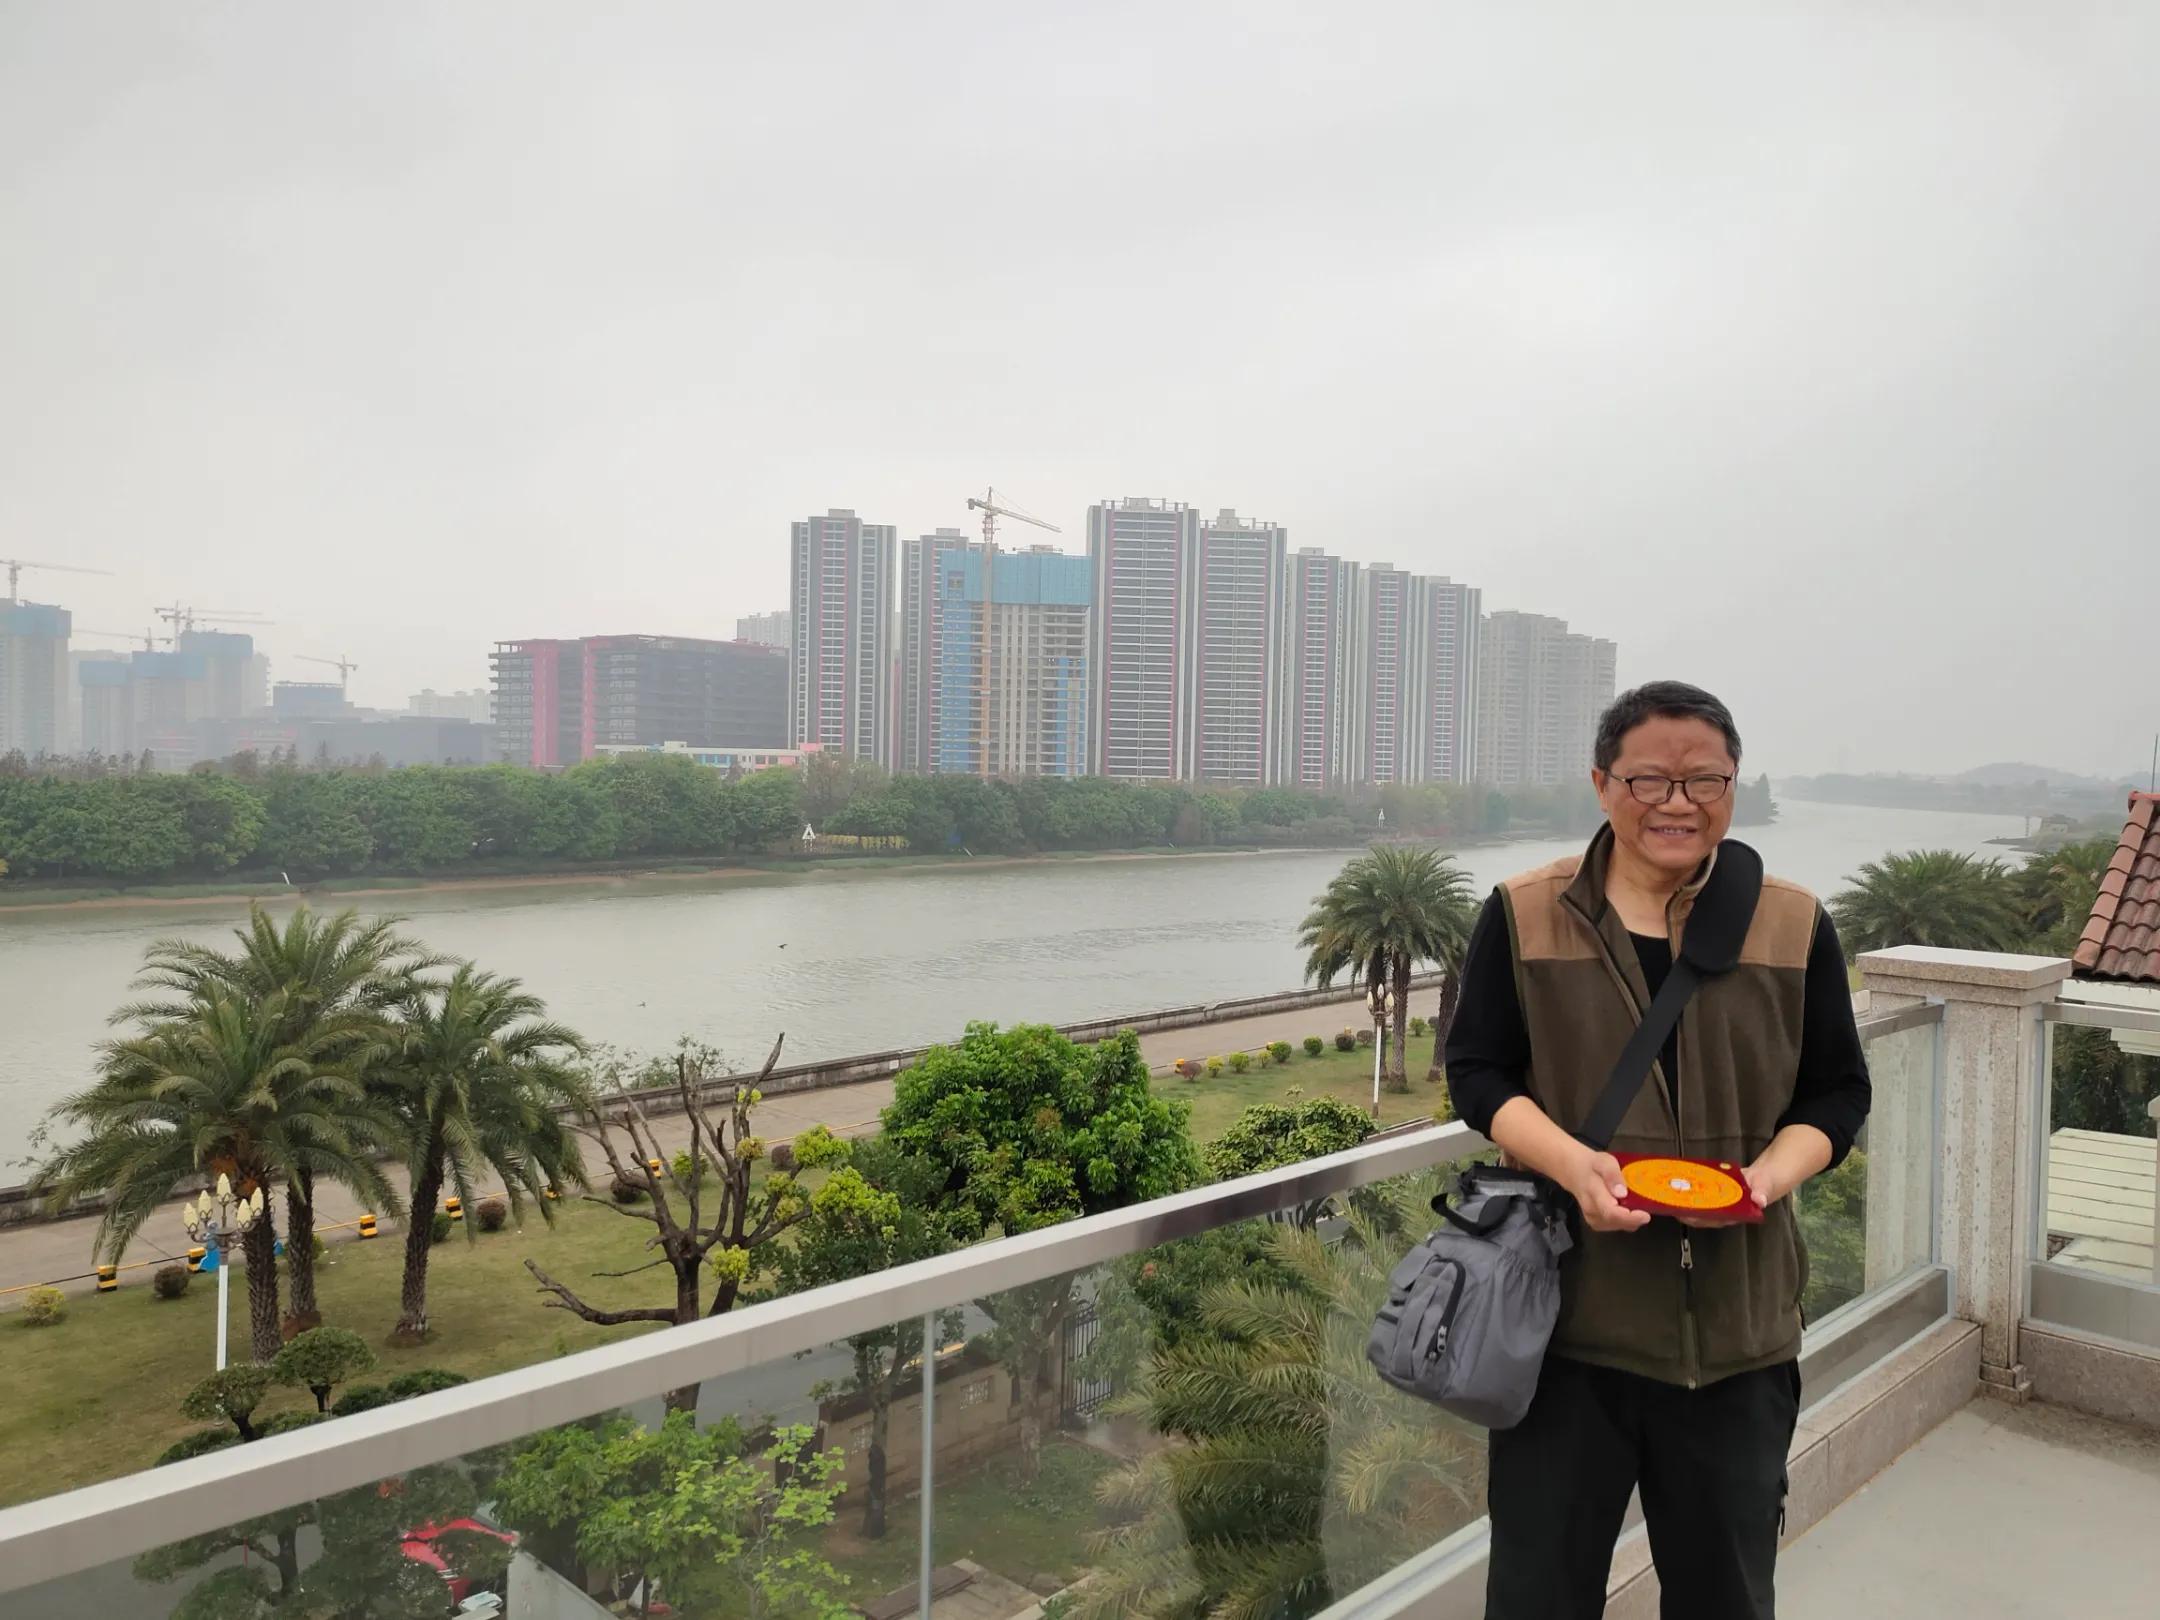 人居环境与人体健康息息相关    著名风水养生专家曾祥裕在广州开讲《风水与健康》